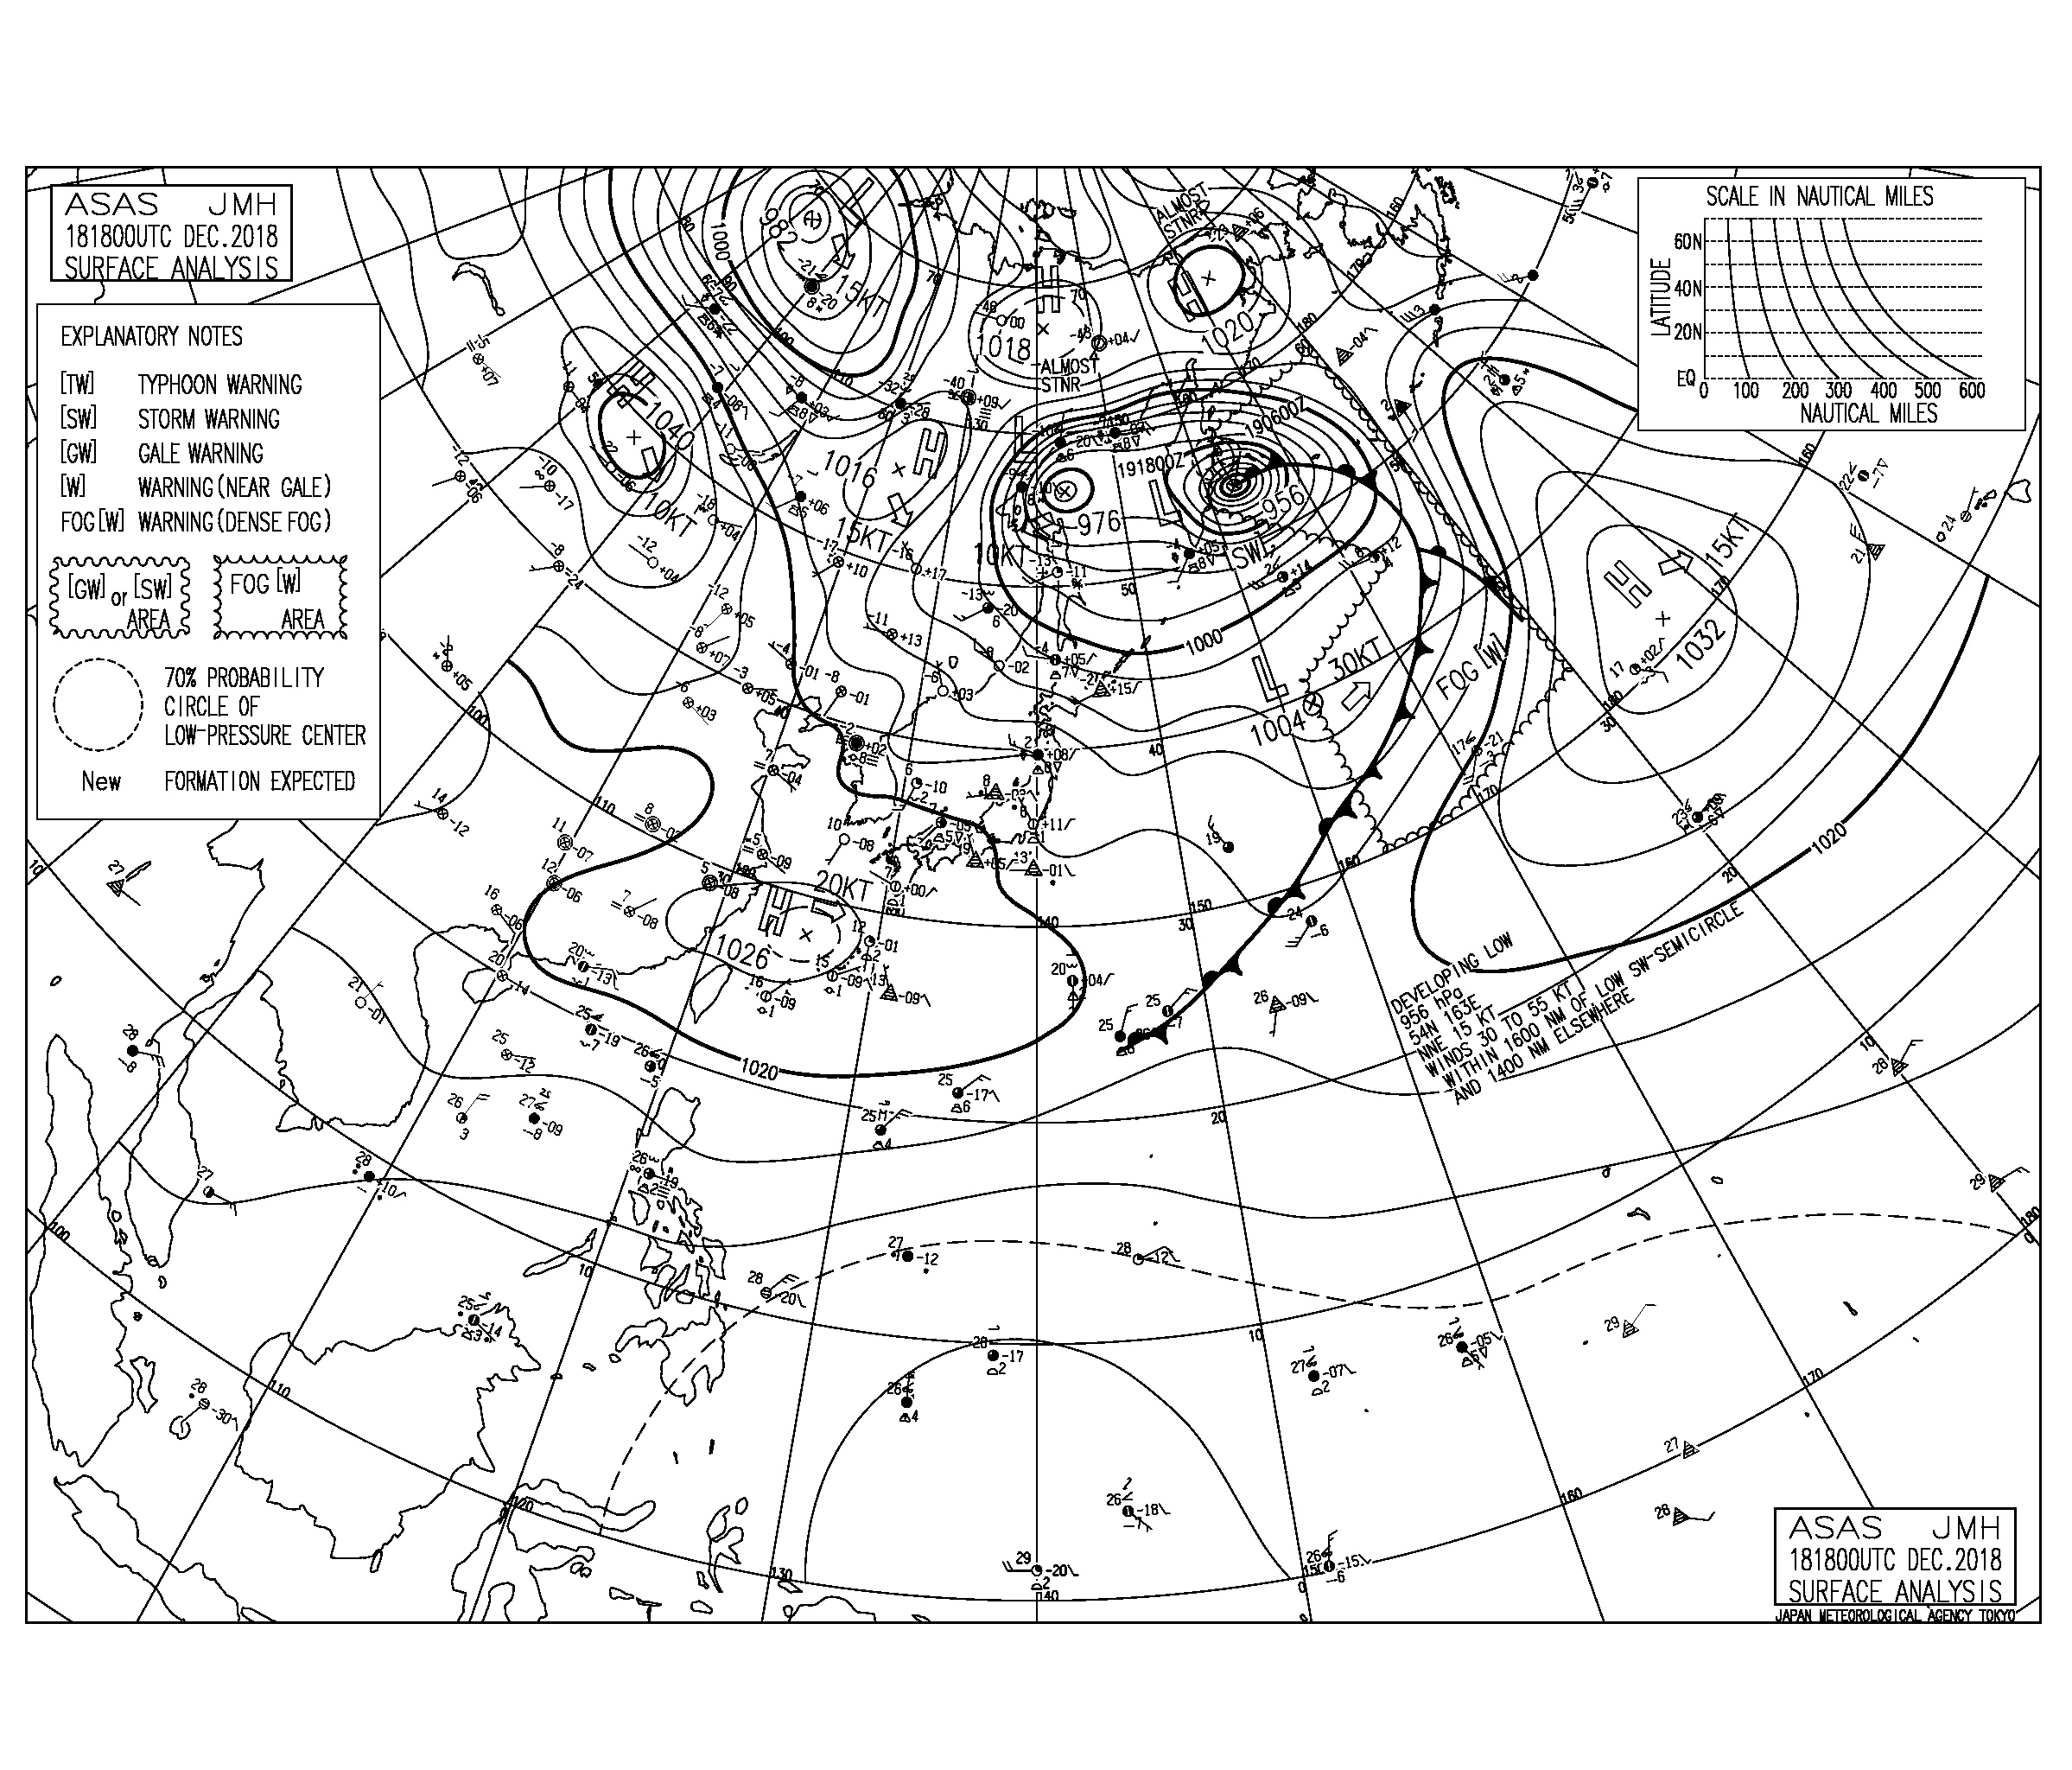 今朝も湘南は西うねりが反応して遊べるコンディション,次第に南西の風が強まりそう(181219)